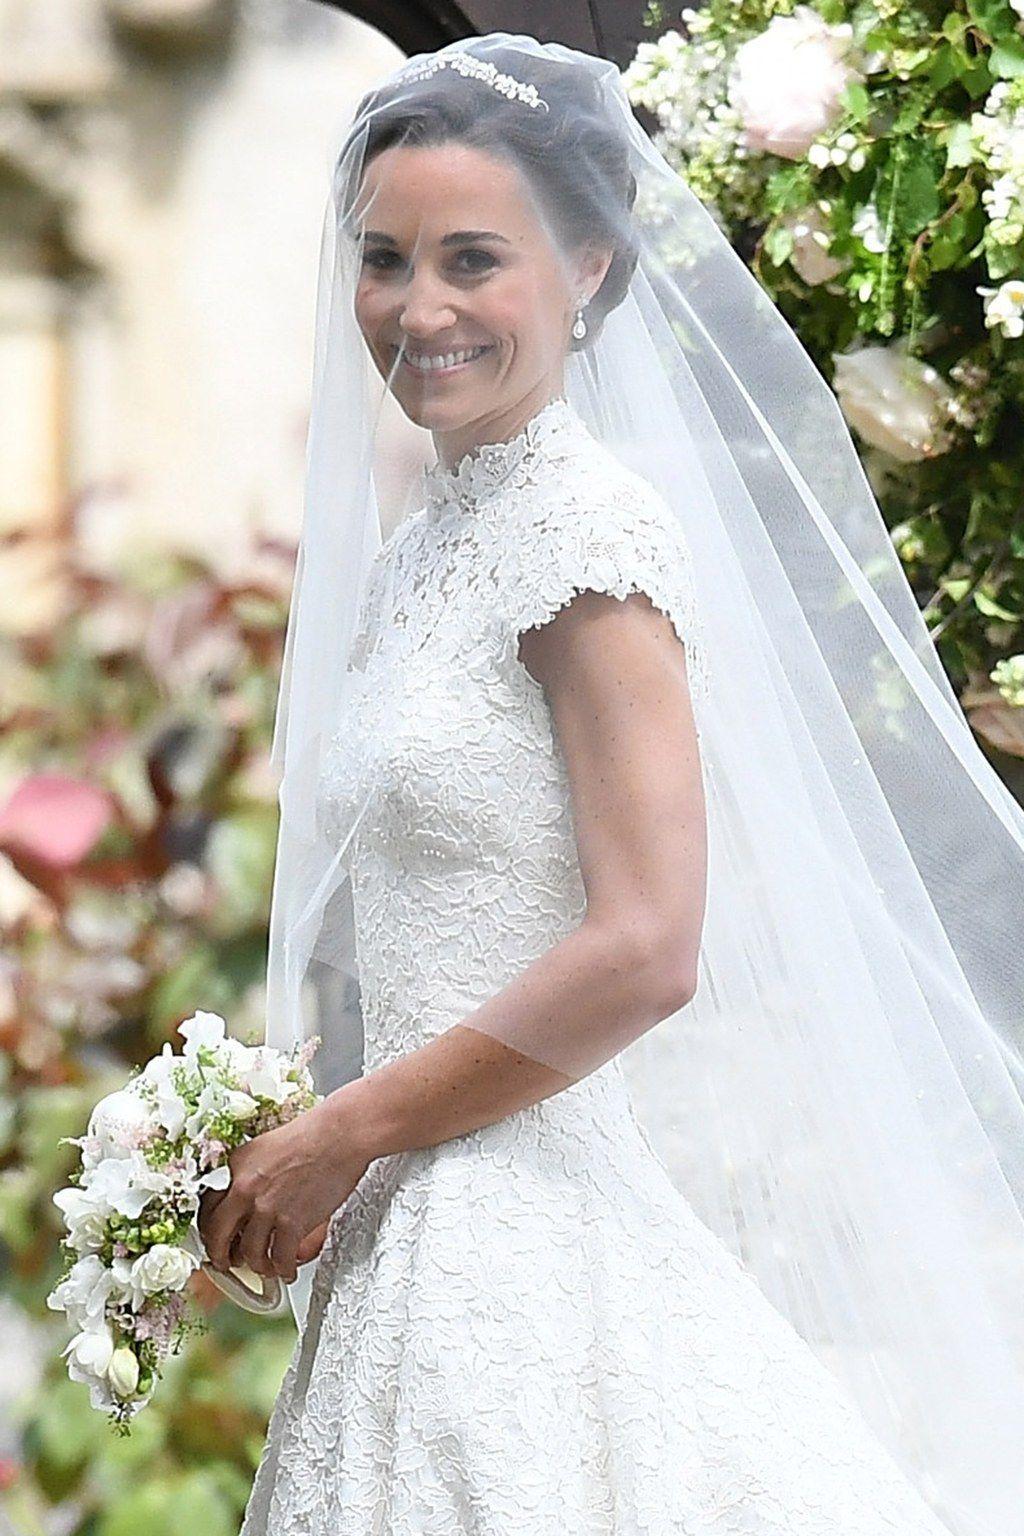 Brautkleider Der Stars Brautfrisur Braut Neue Brautkleider